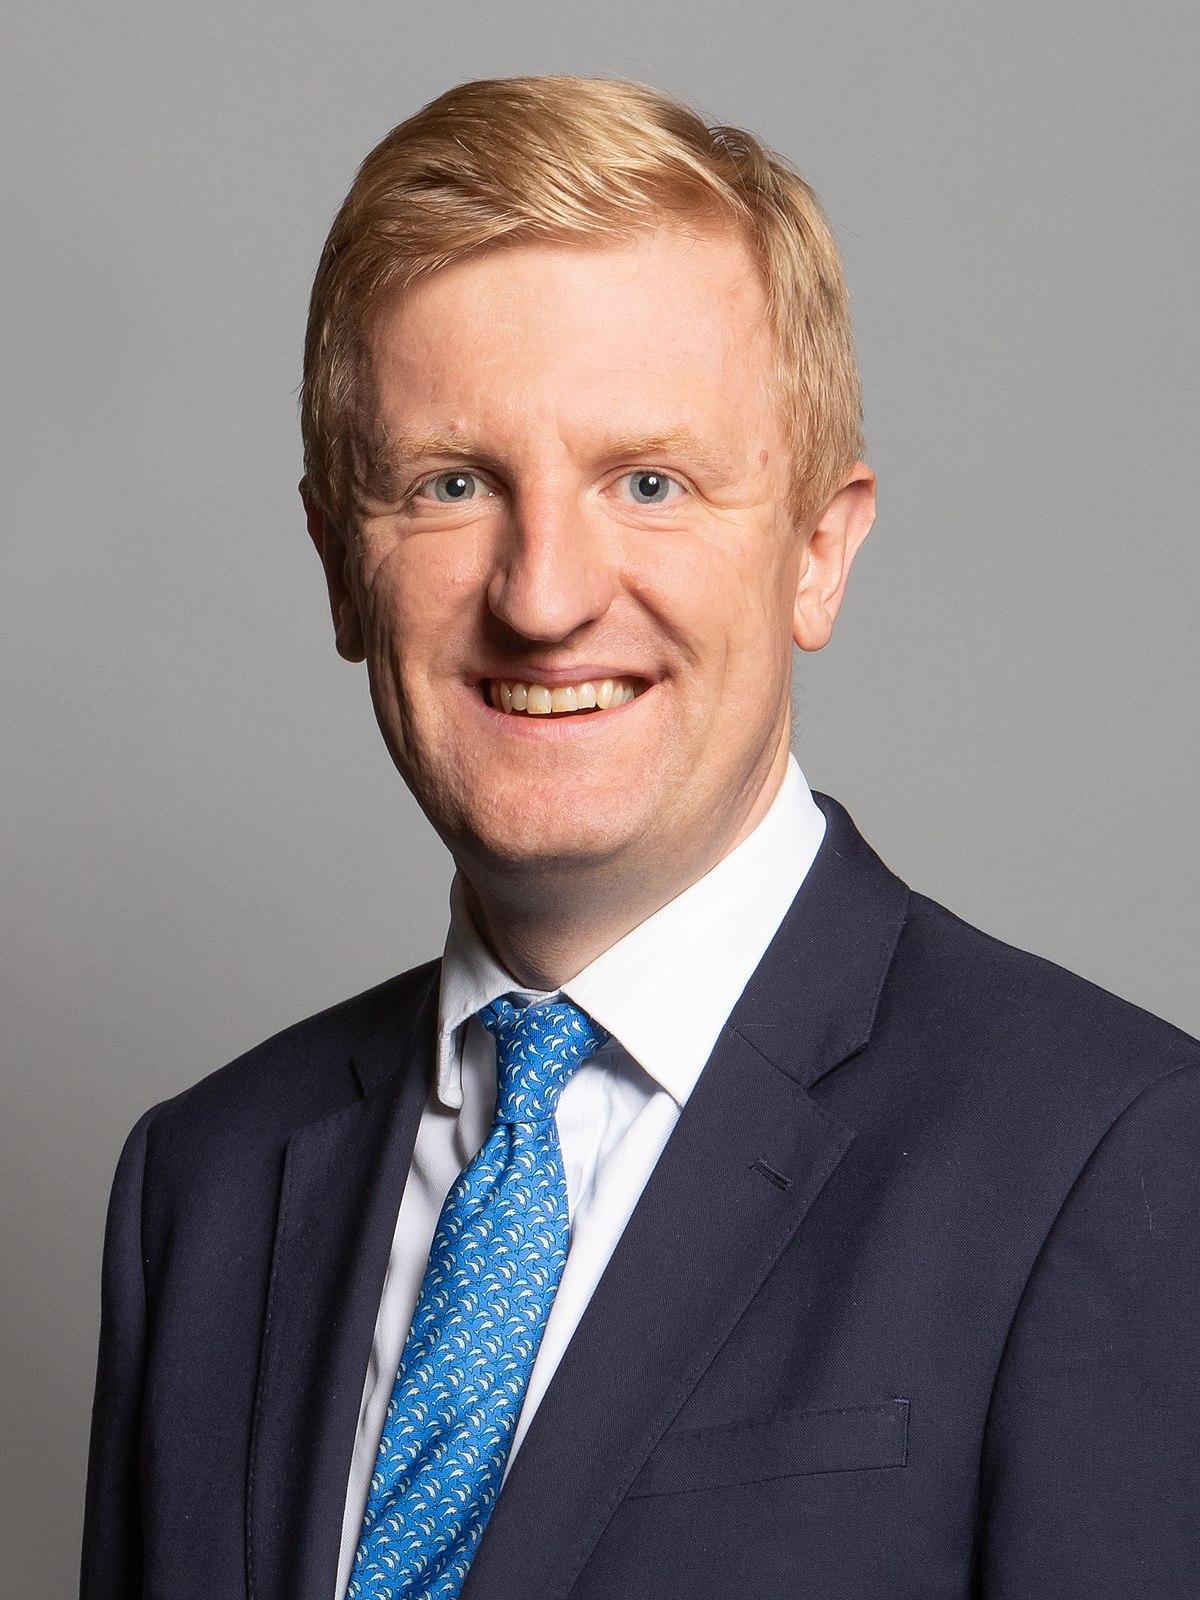 Oliver Dowden - Wikipedia